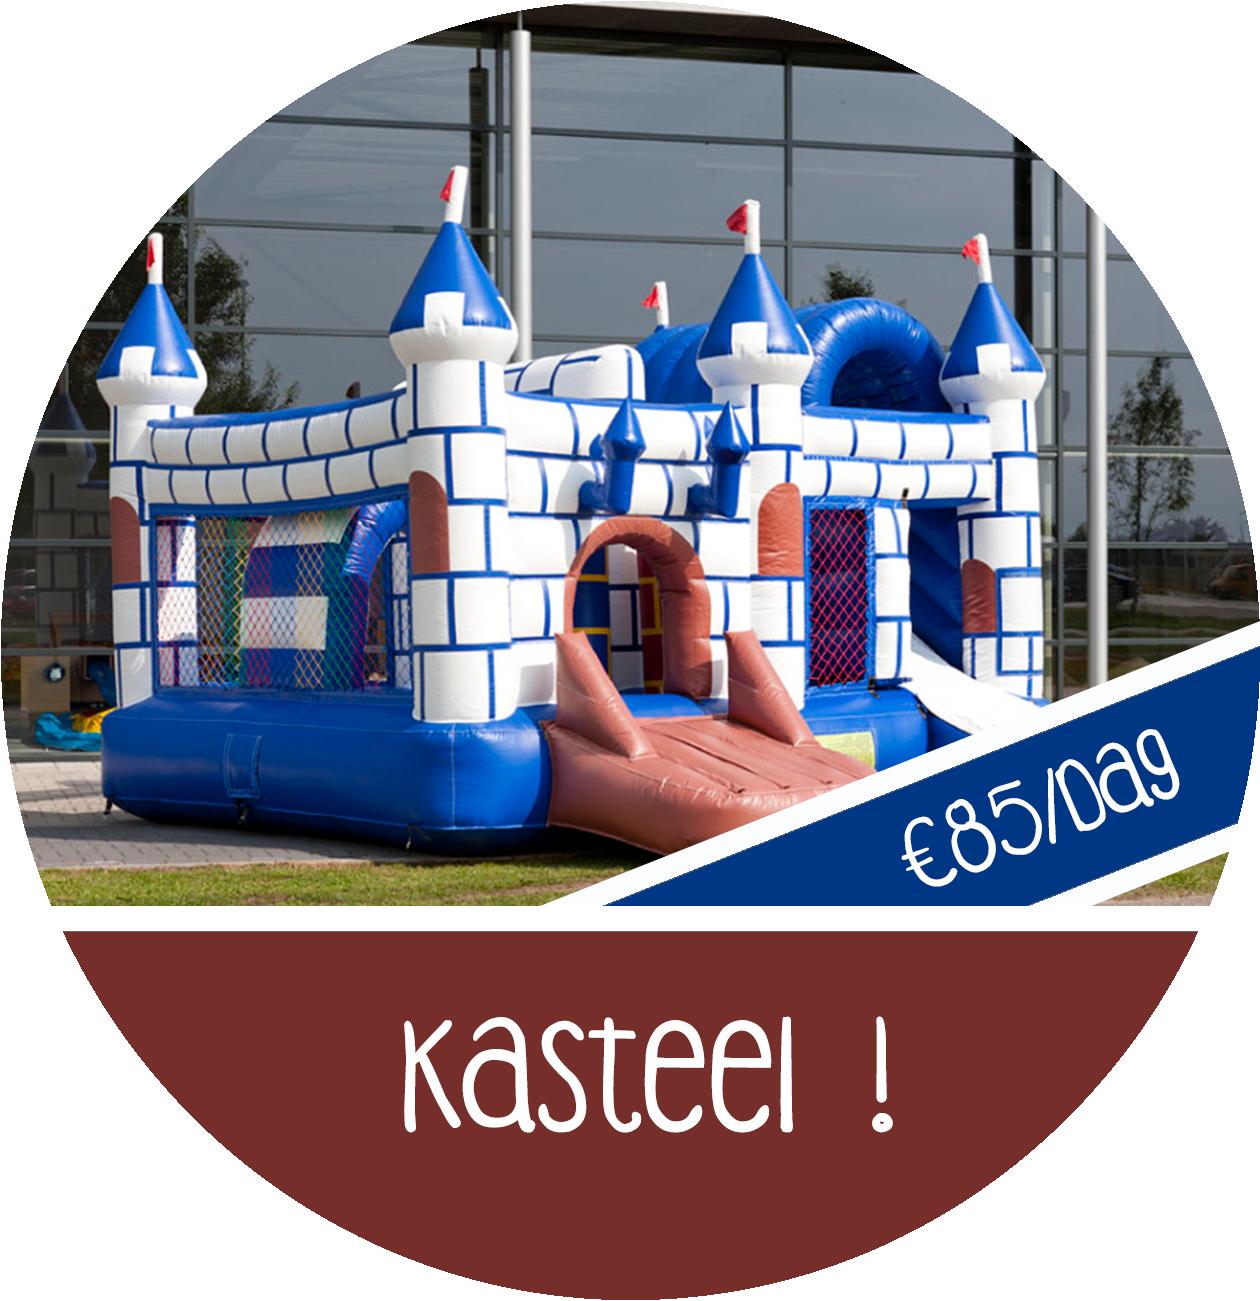 Springkasteel kasteel huren